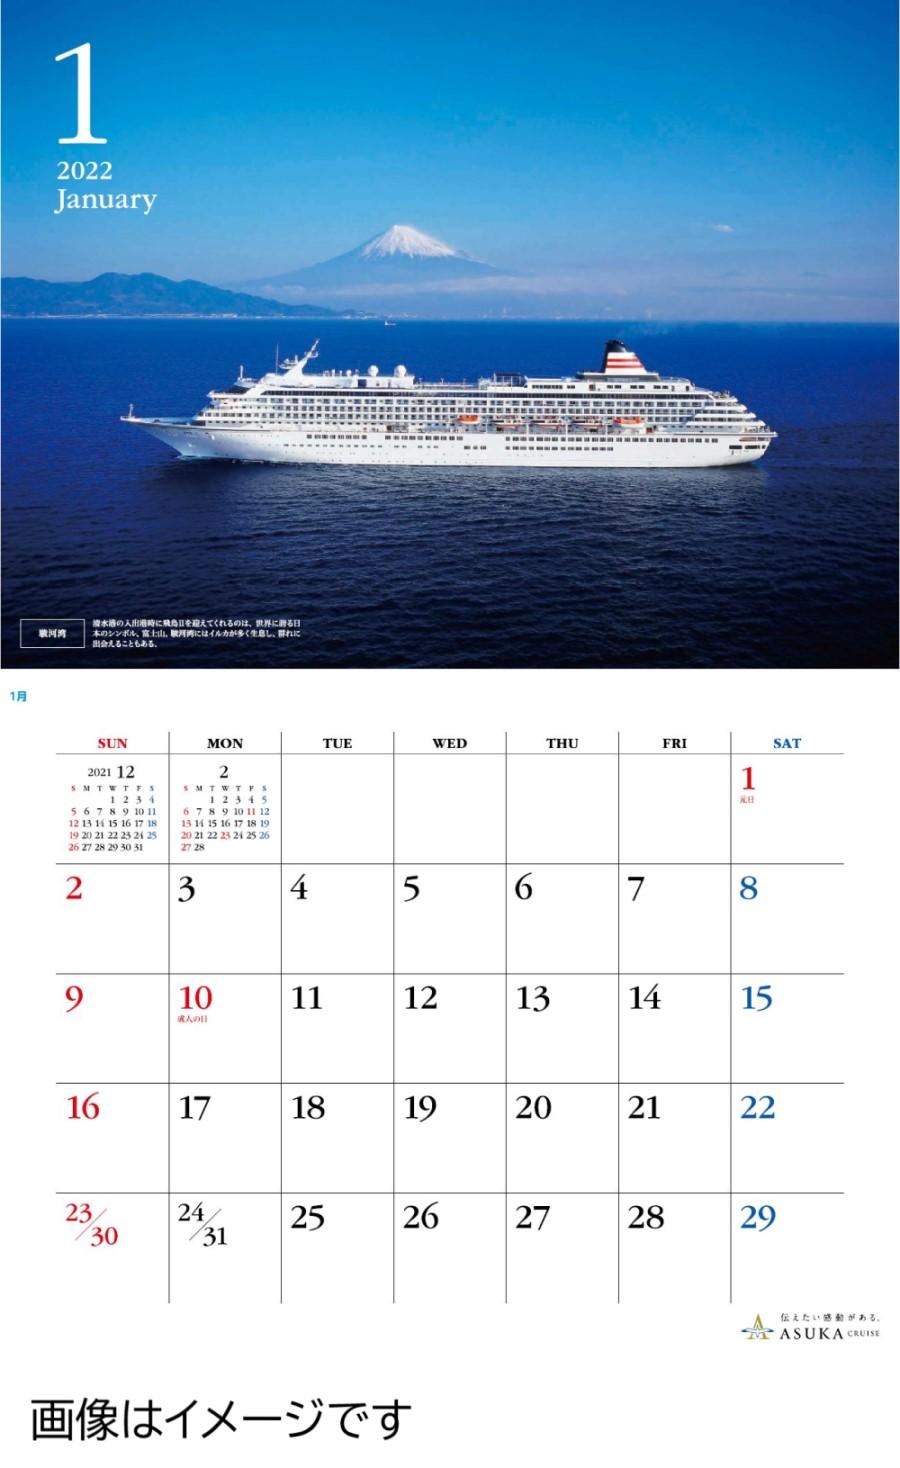 【代金引換】飛鳥クルーズオリジナルカレンダー 2022年